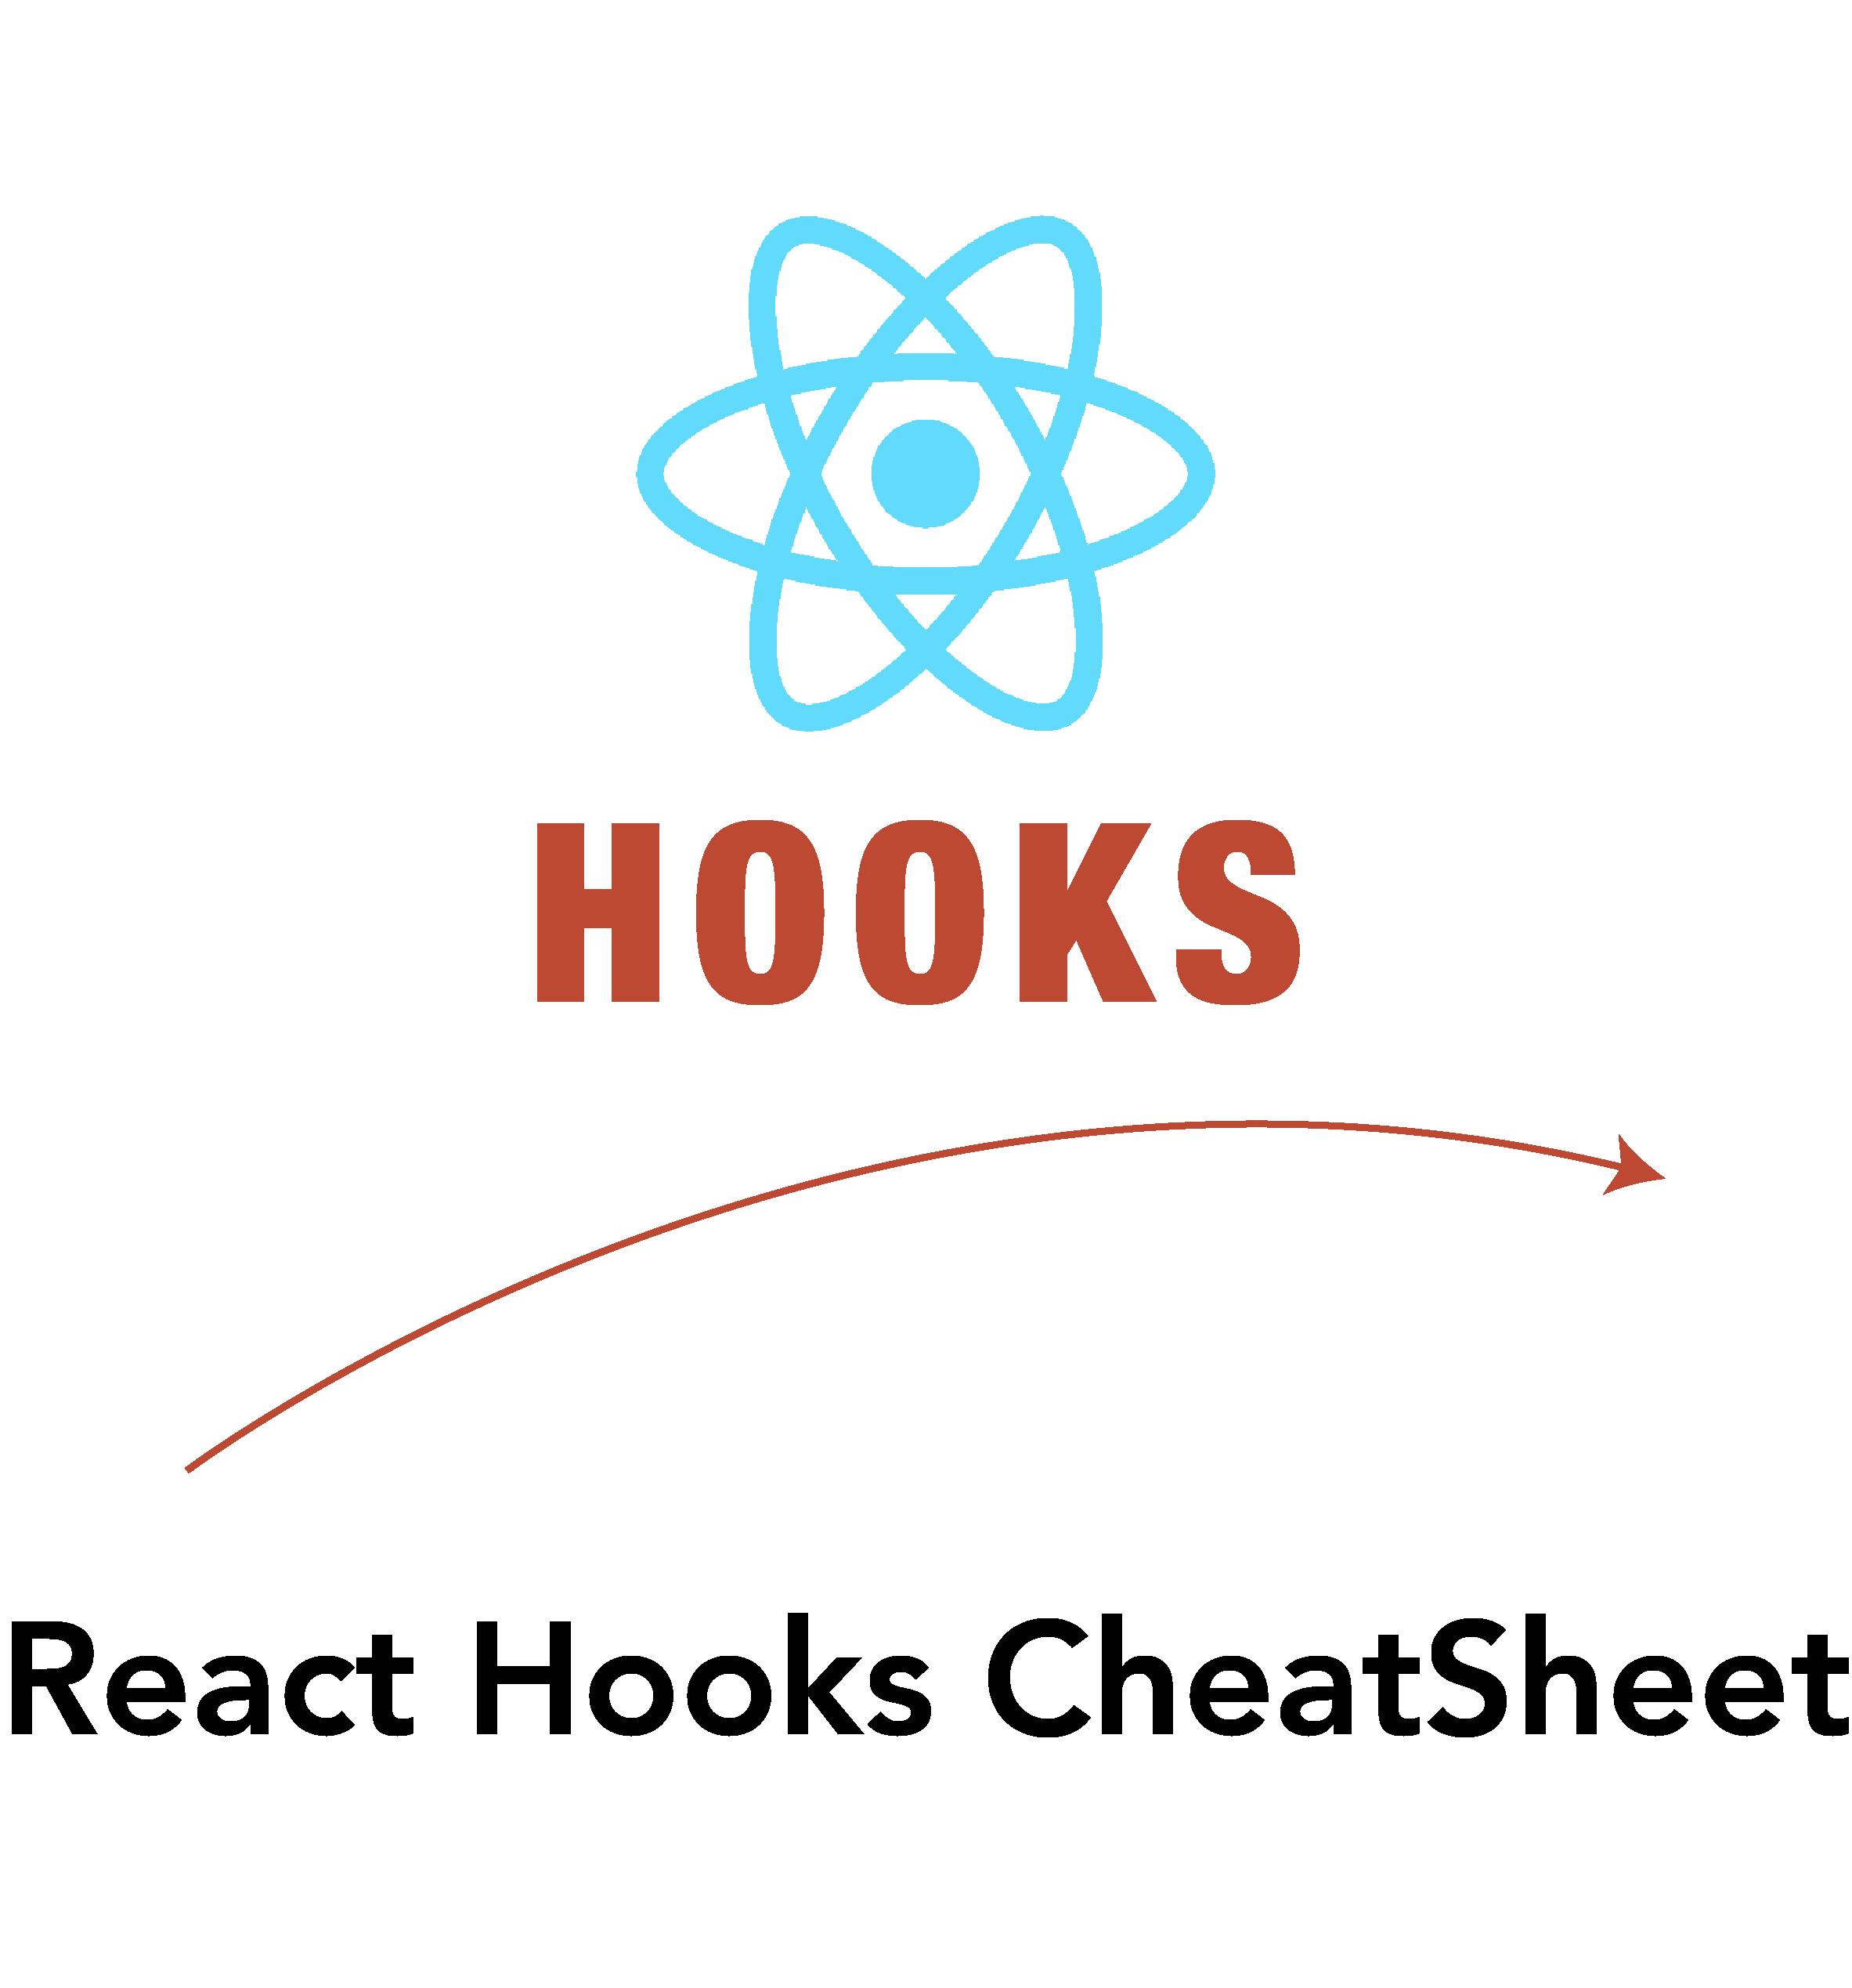 react-hooks-cheatsheet